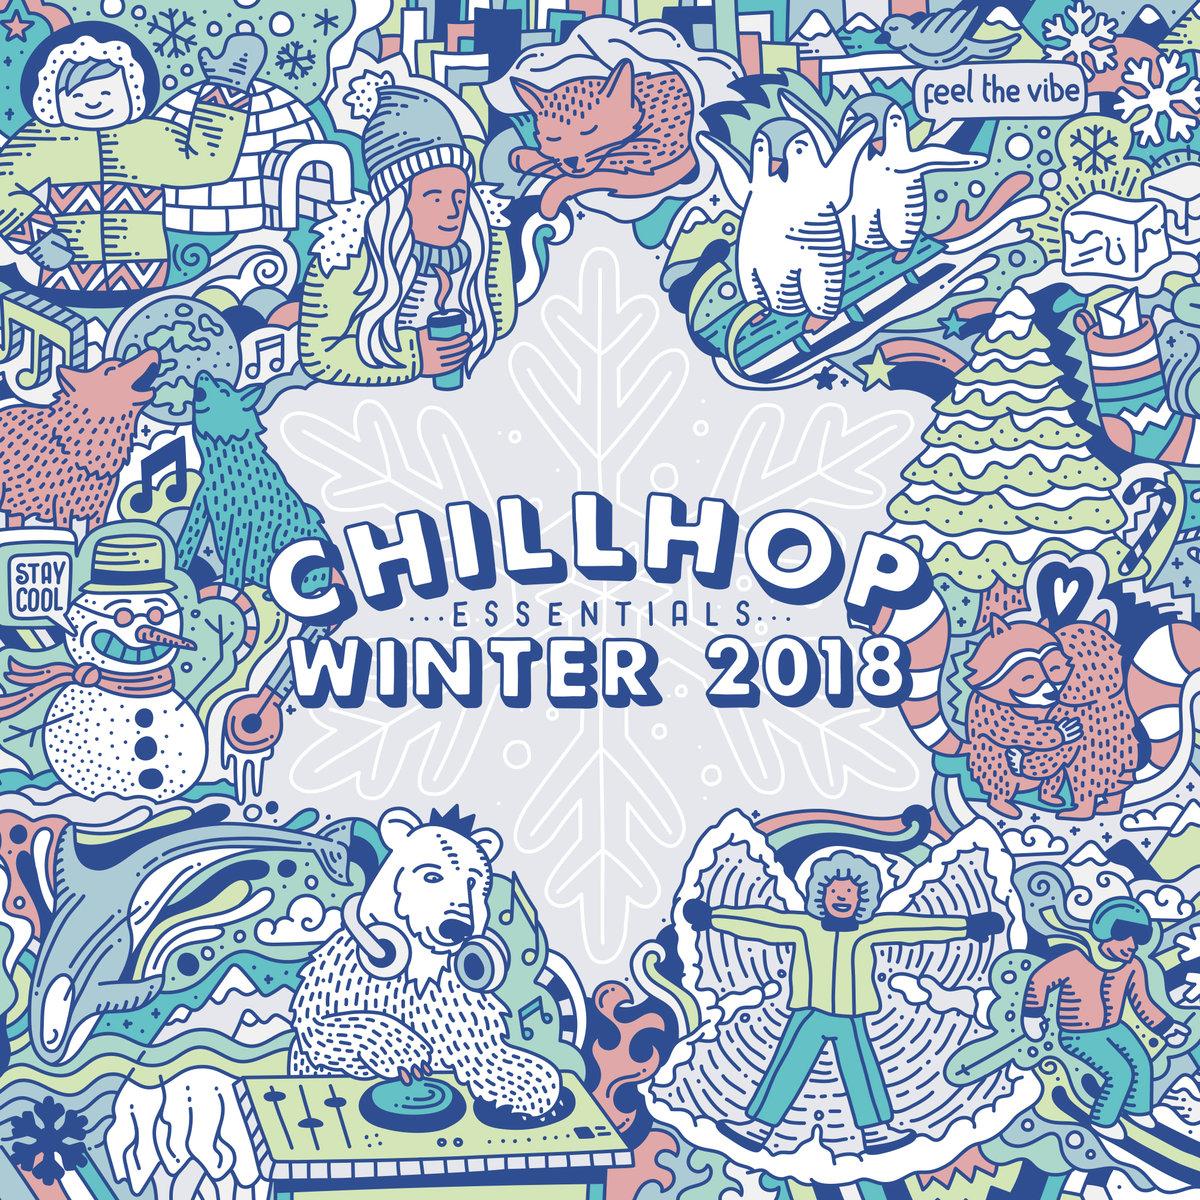 Chillhop Essentials - Winter 2018 | Full Album Stream & Vinyl Tipp